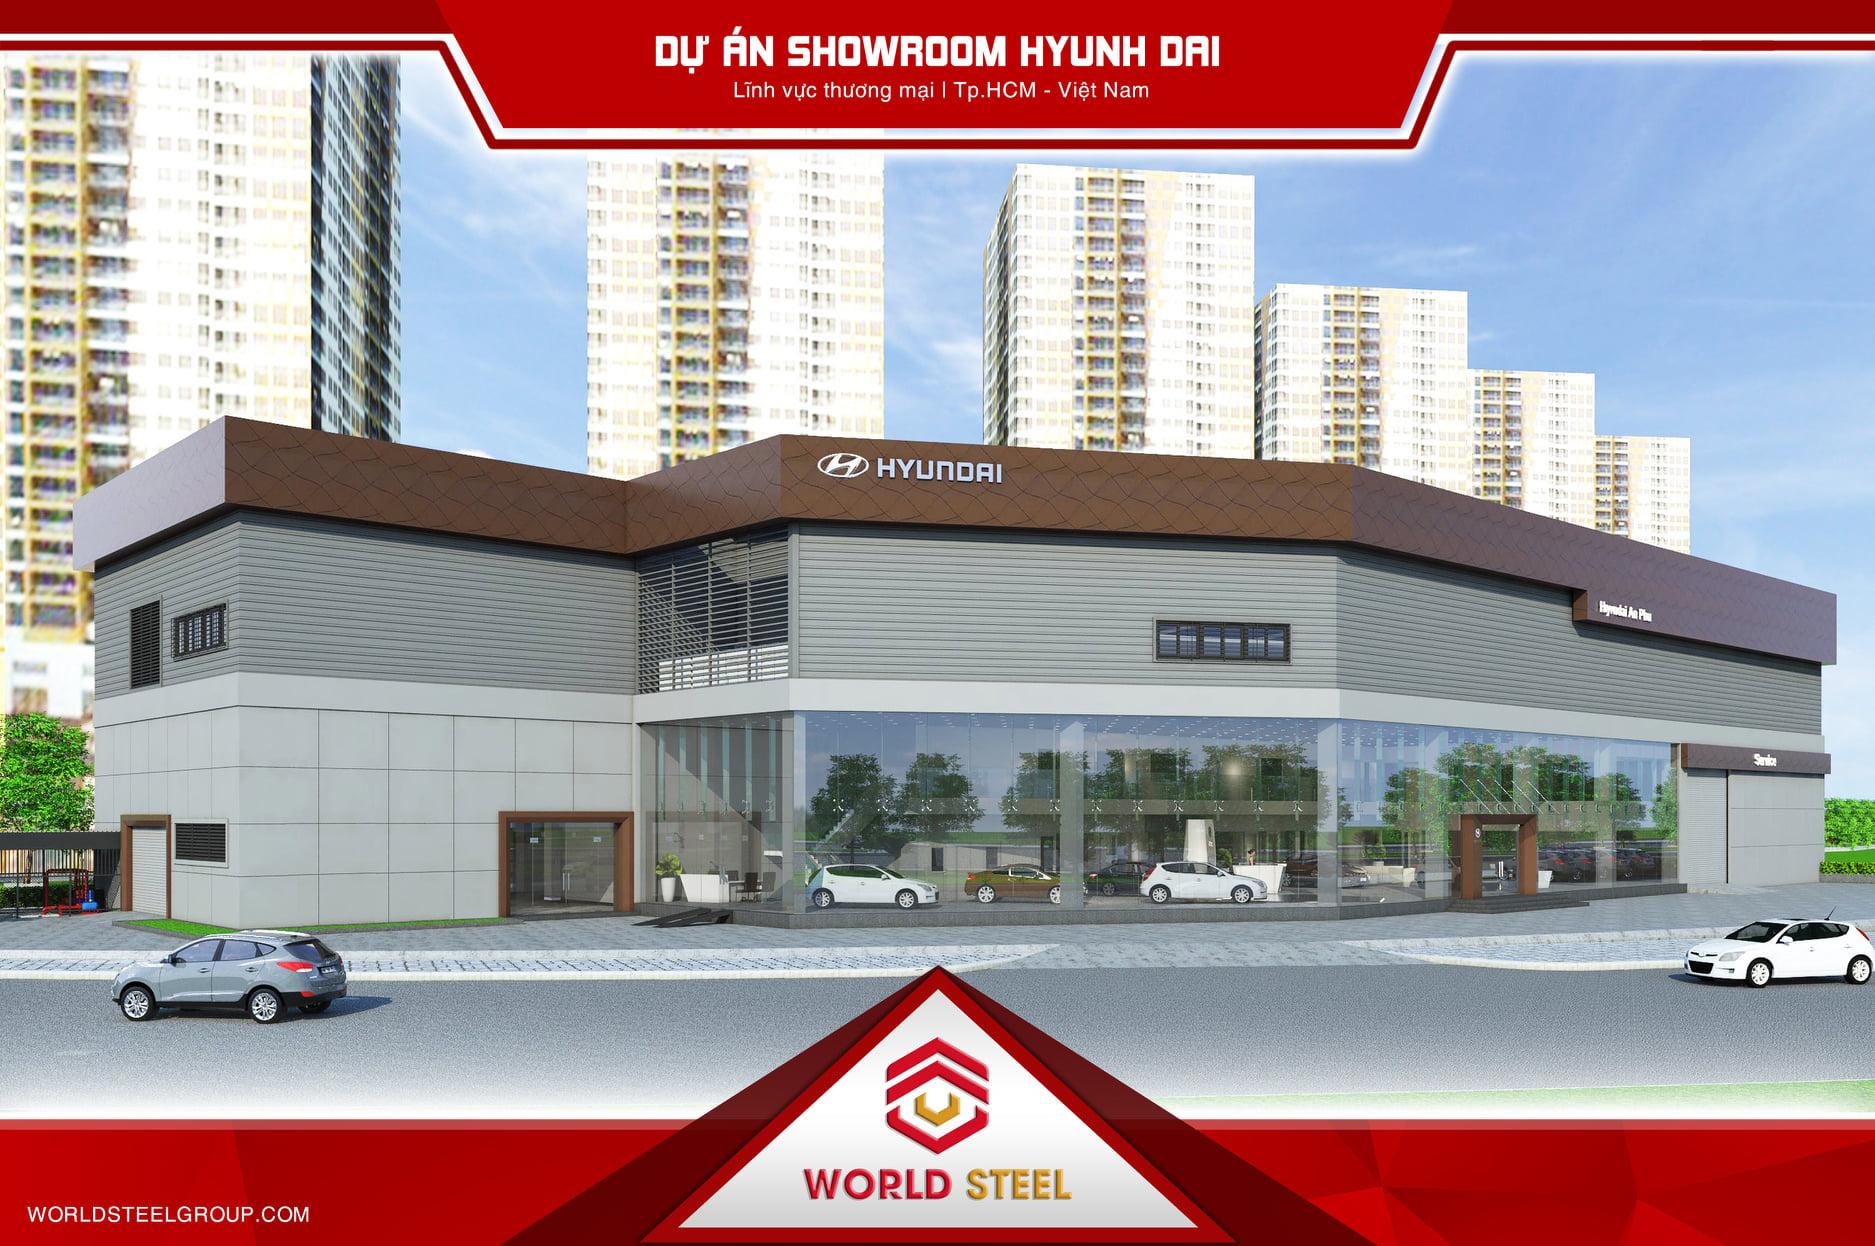 Dự án xây dựng showroom huyndai an phú 3s